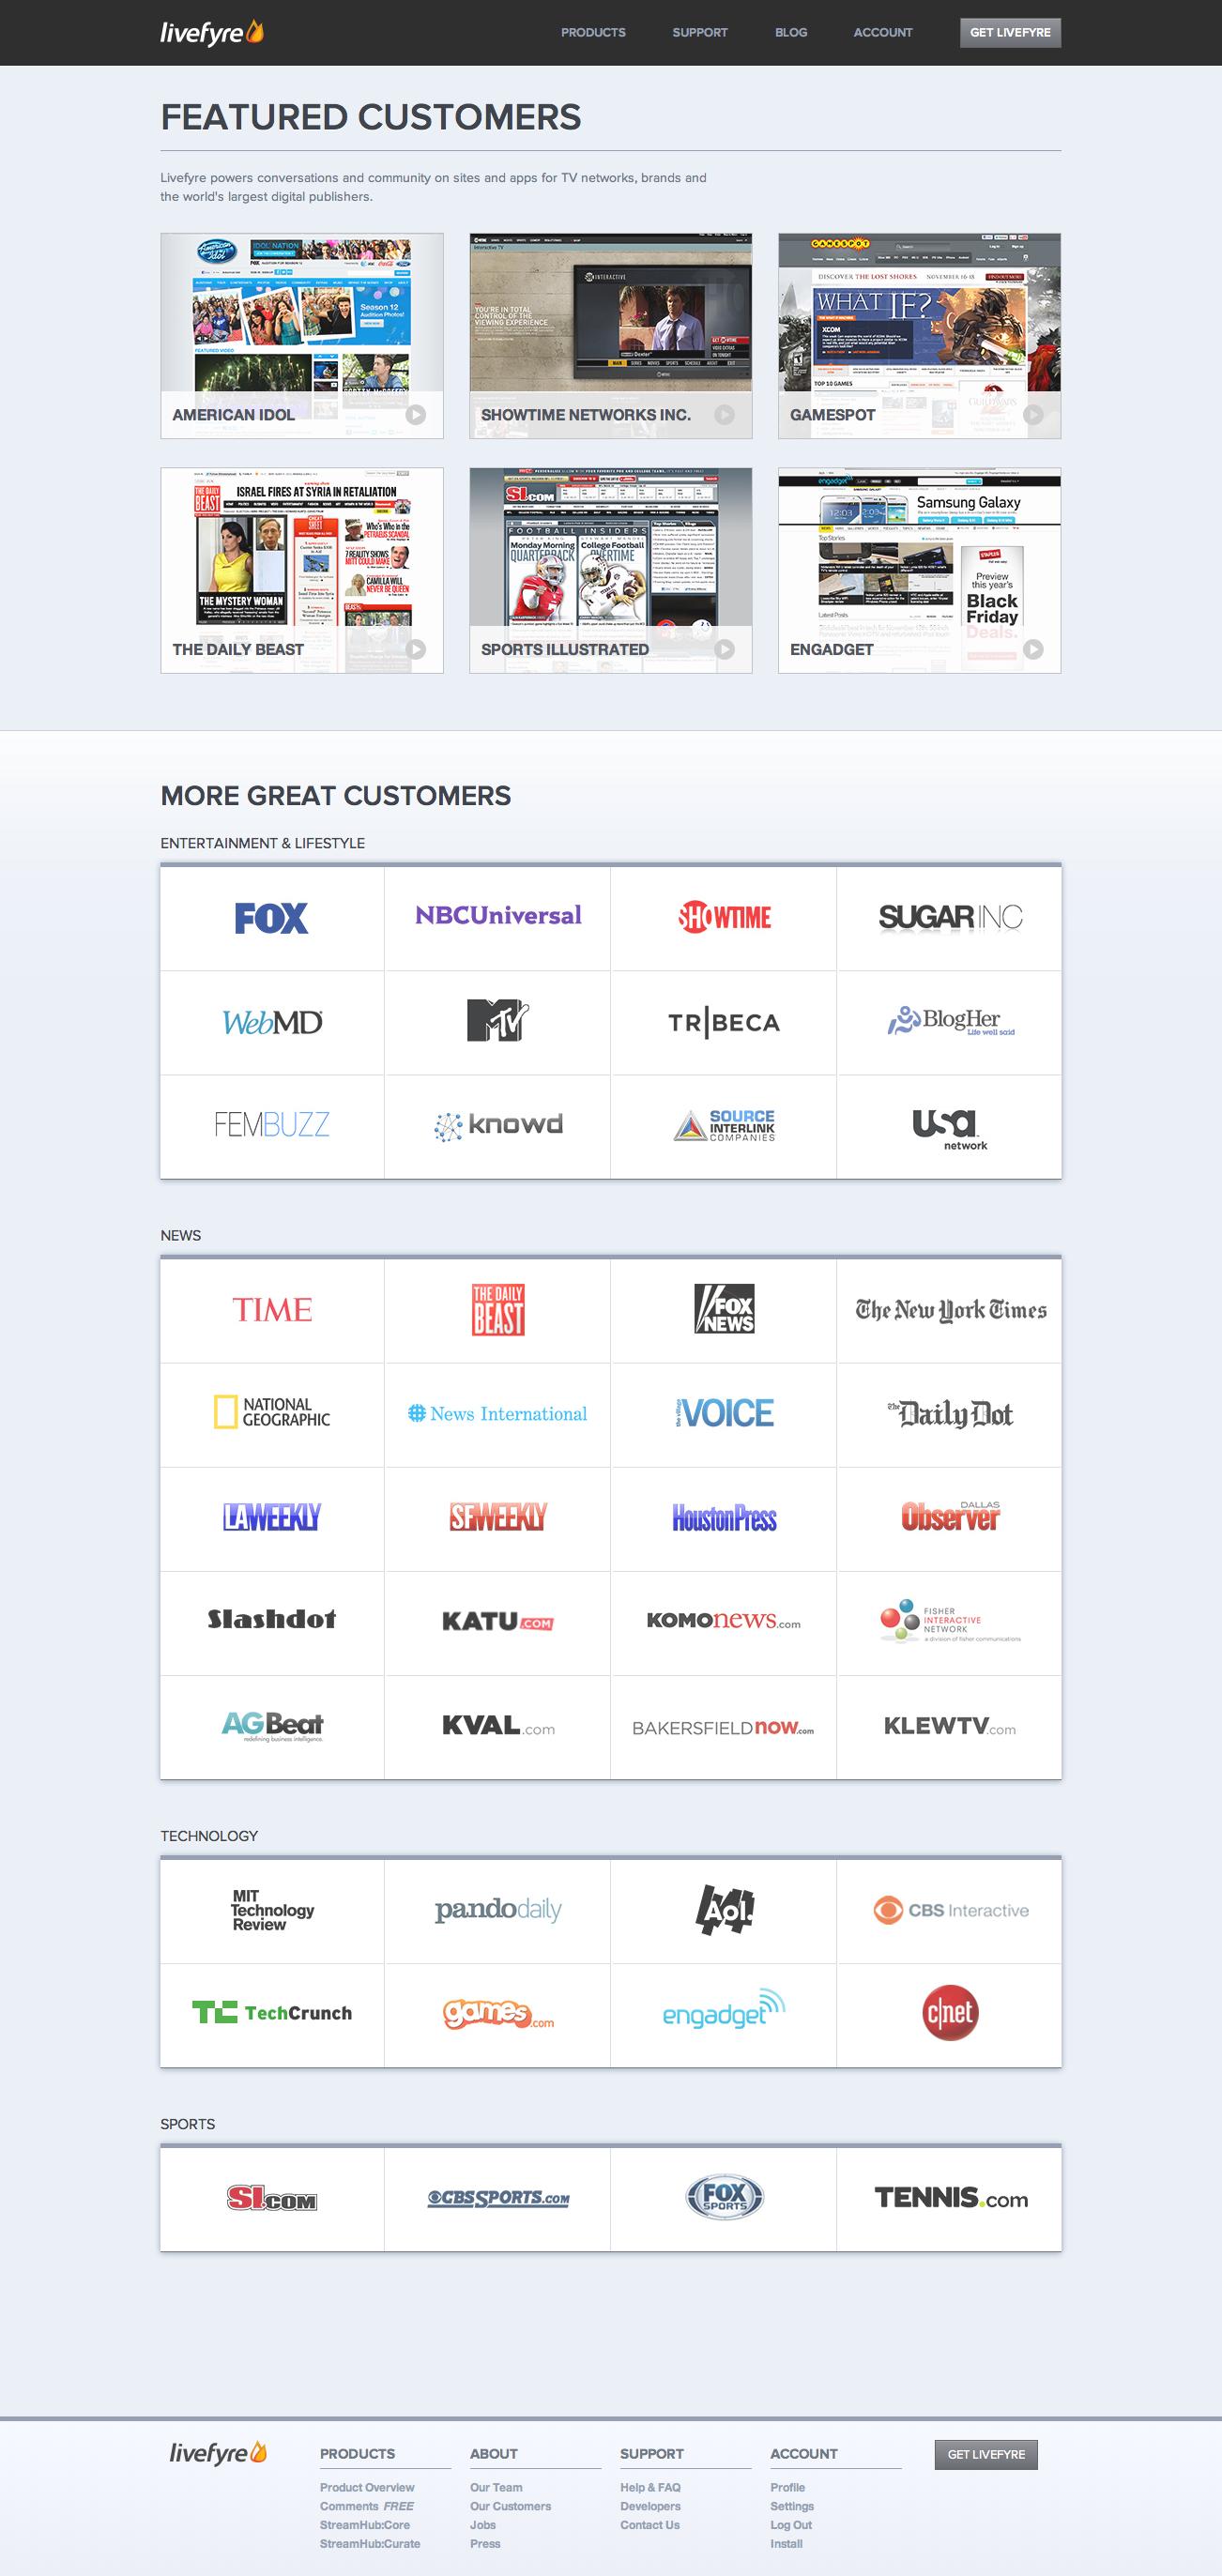 Livefyre.com v5: Customers